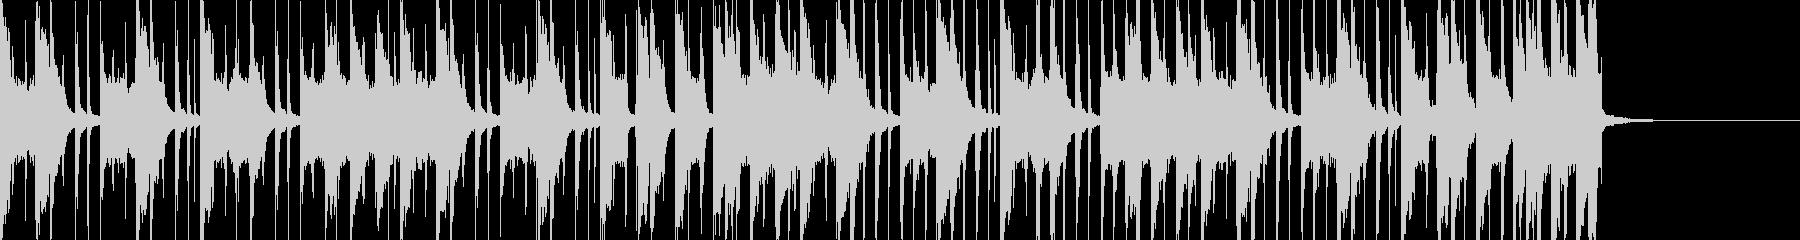 フューチャーベースっぽいジングルの未再生の波形